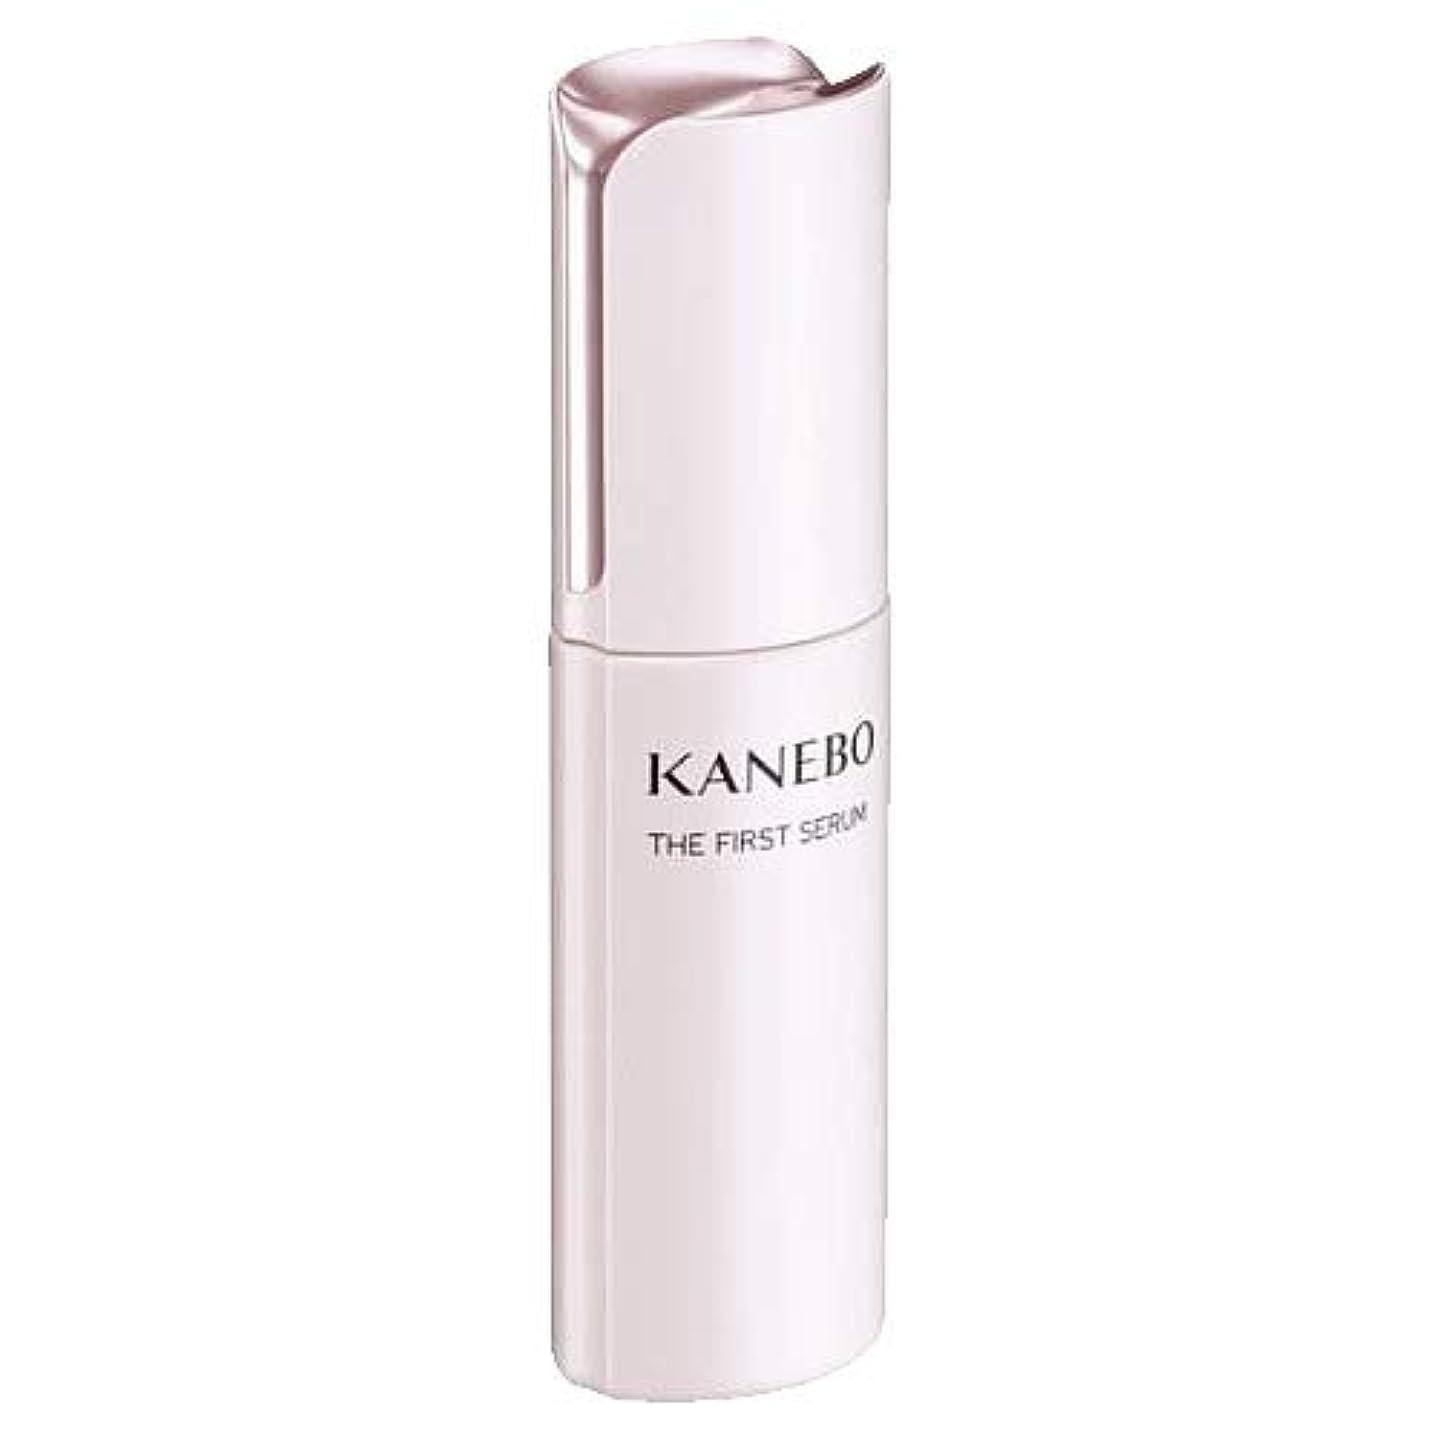 傾向があります実際に目の前のカネボウ KANEBO 美容液 ザ ファースト セラム 60ml [並行輸入品]